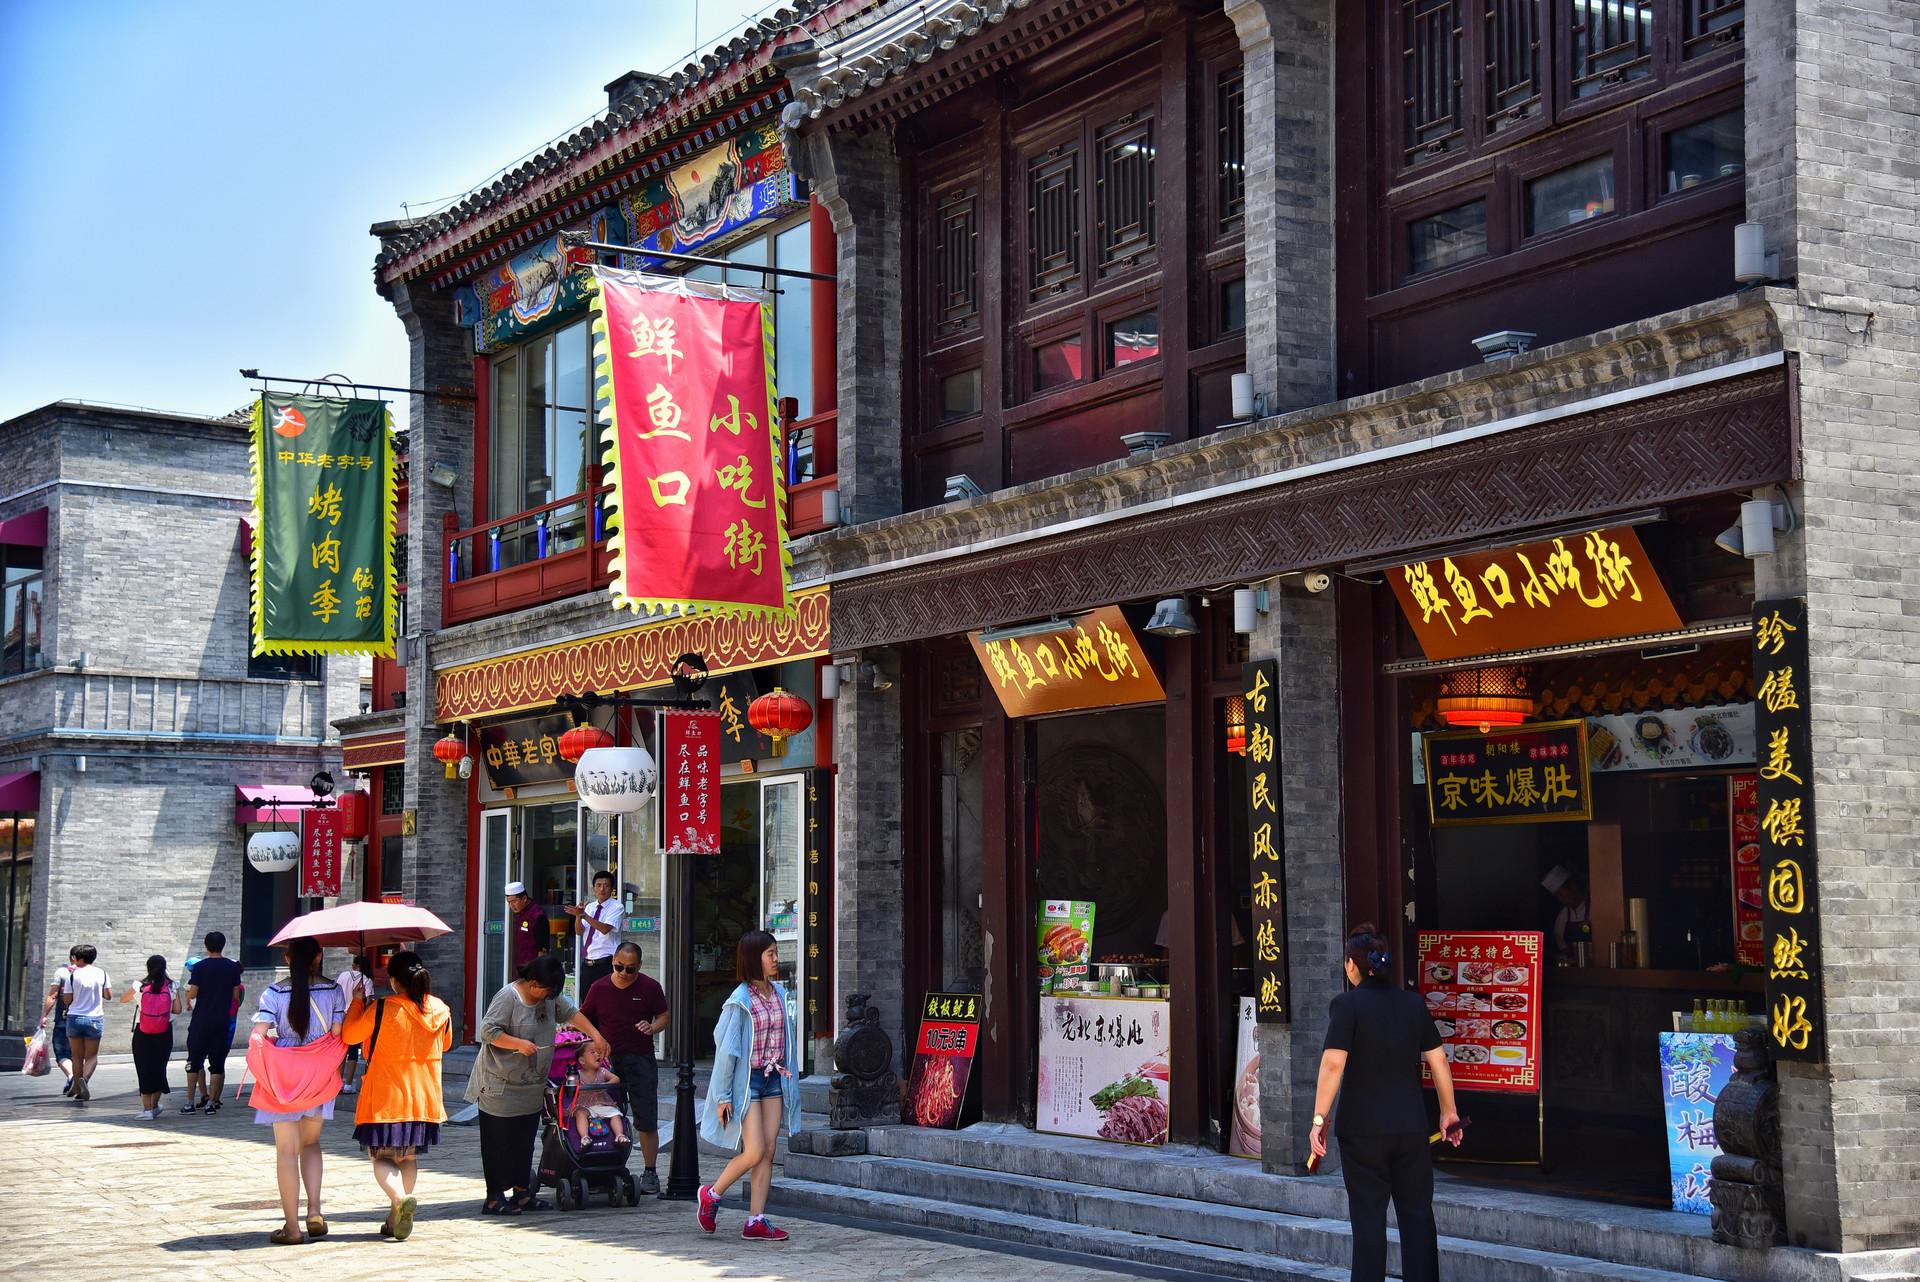 北京老街大栅栏商业街.jpg